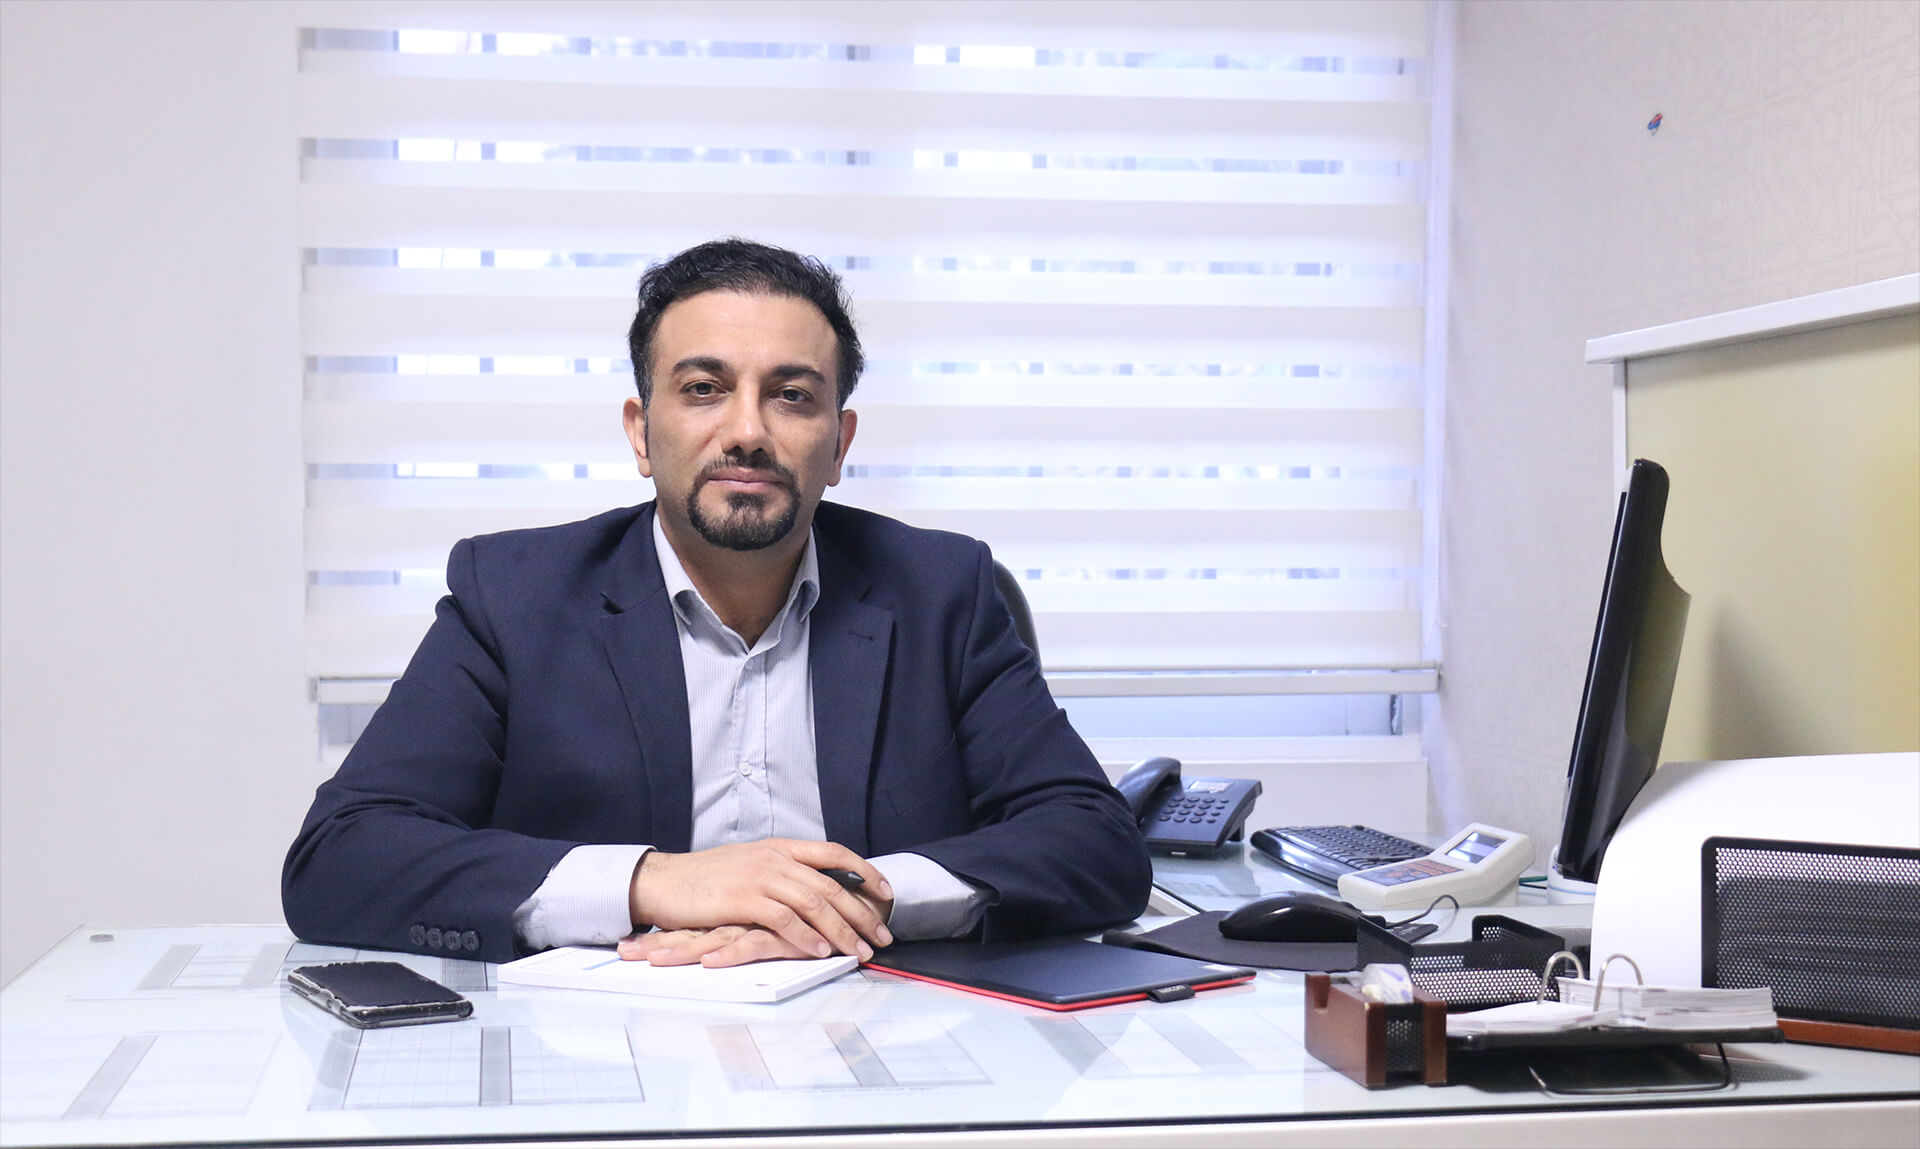 فوق تخصص ارتوپد و جراح تعویض مفصل در تهران - دکتر حسین حاجی تقی